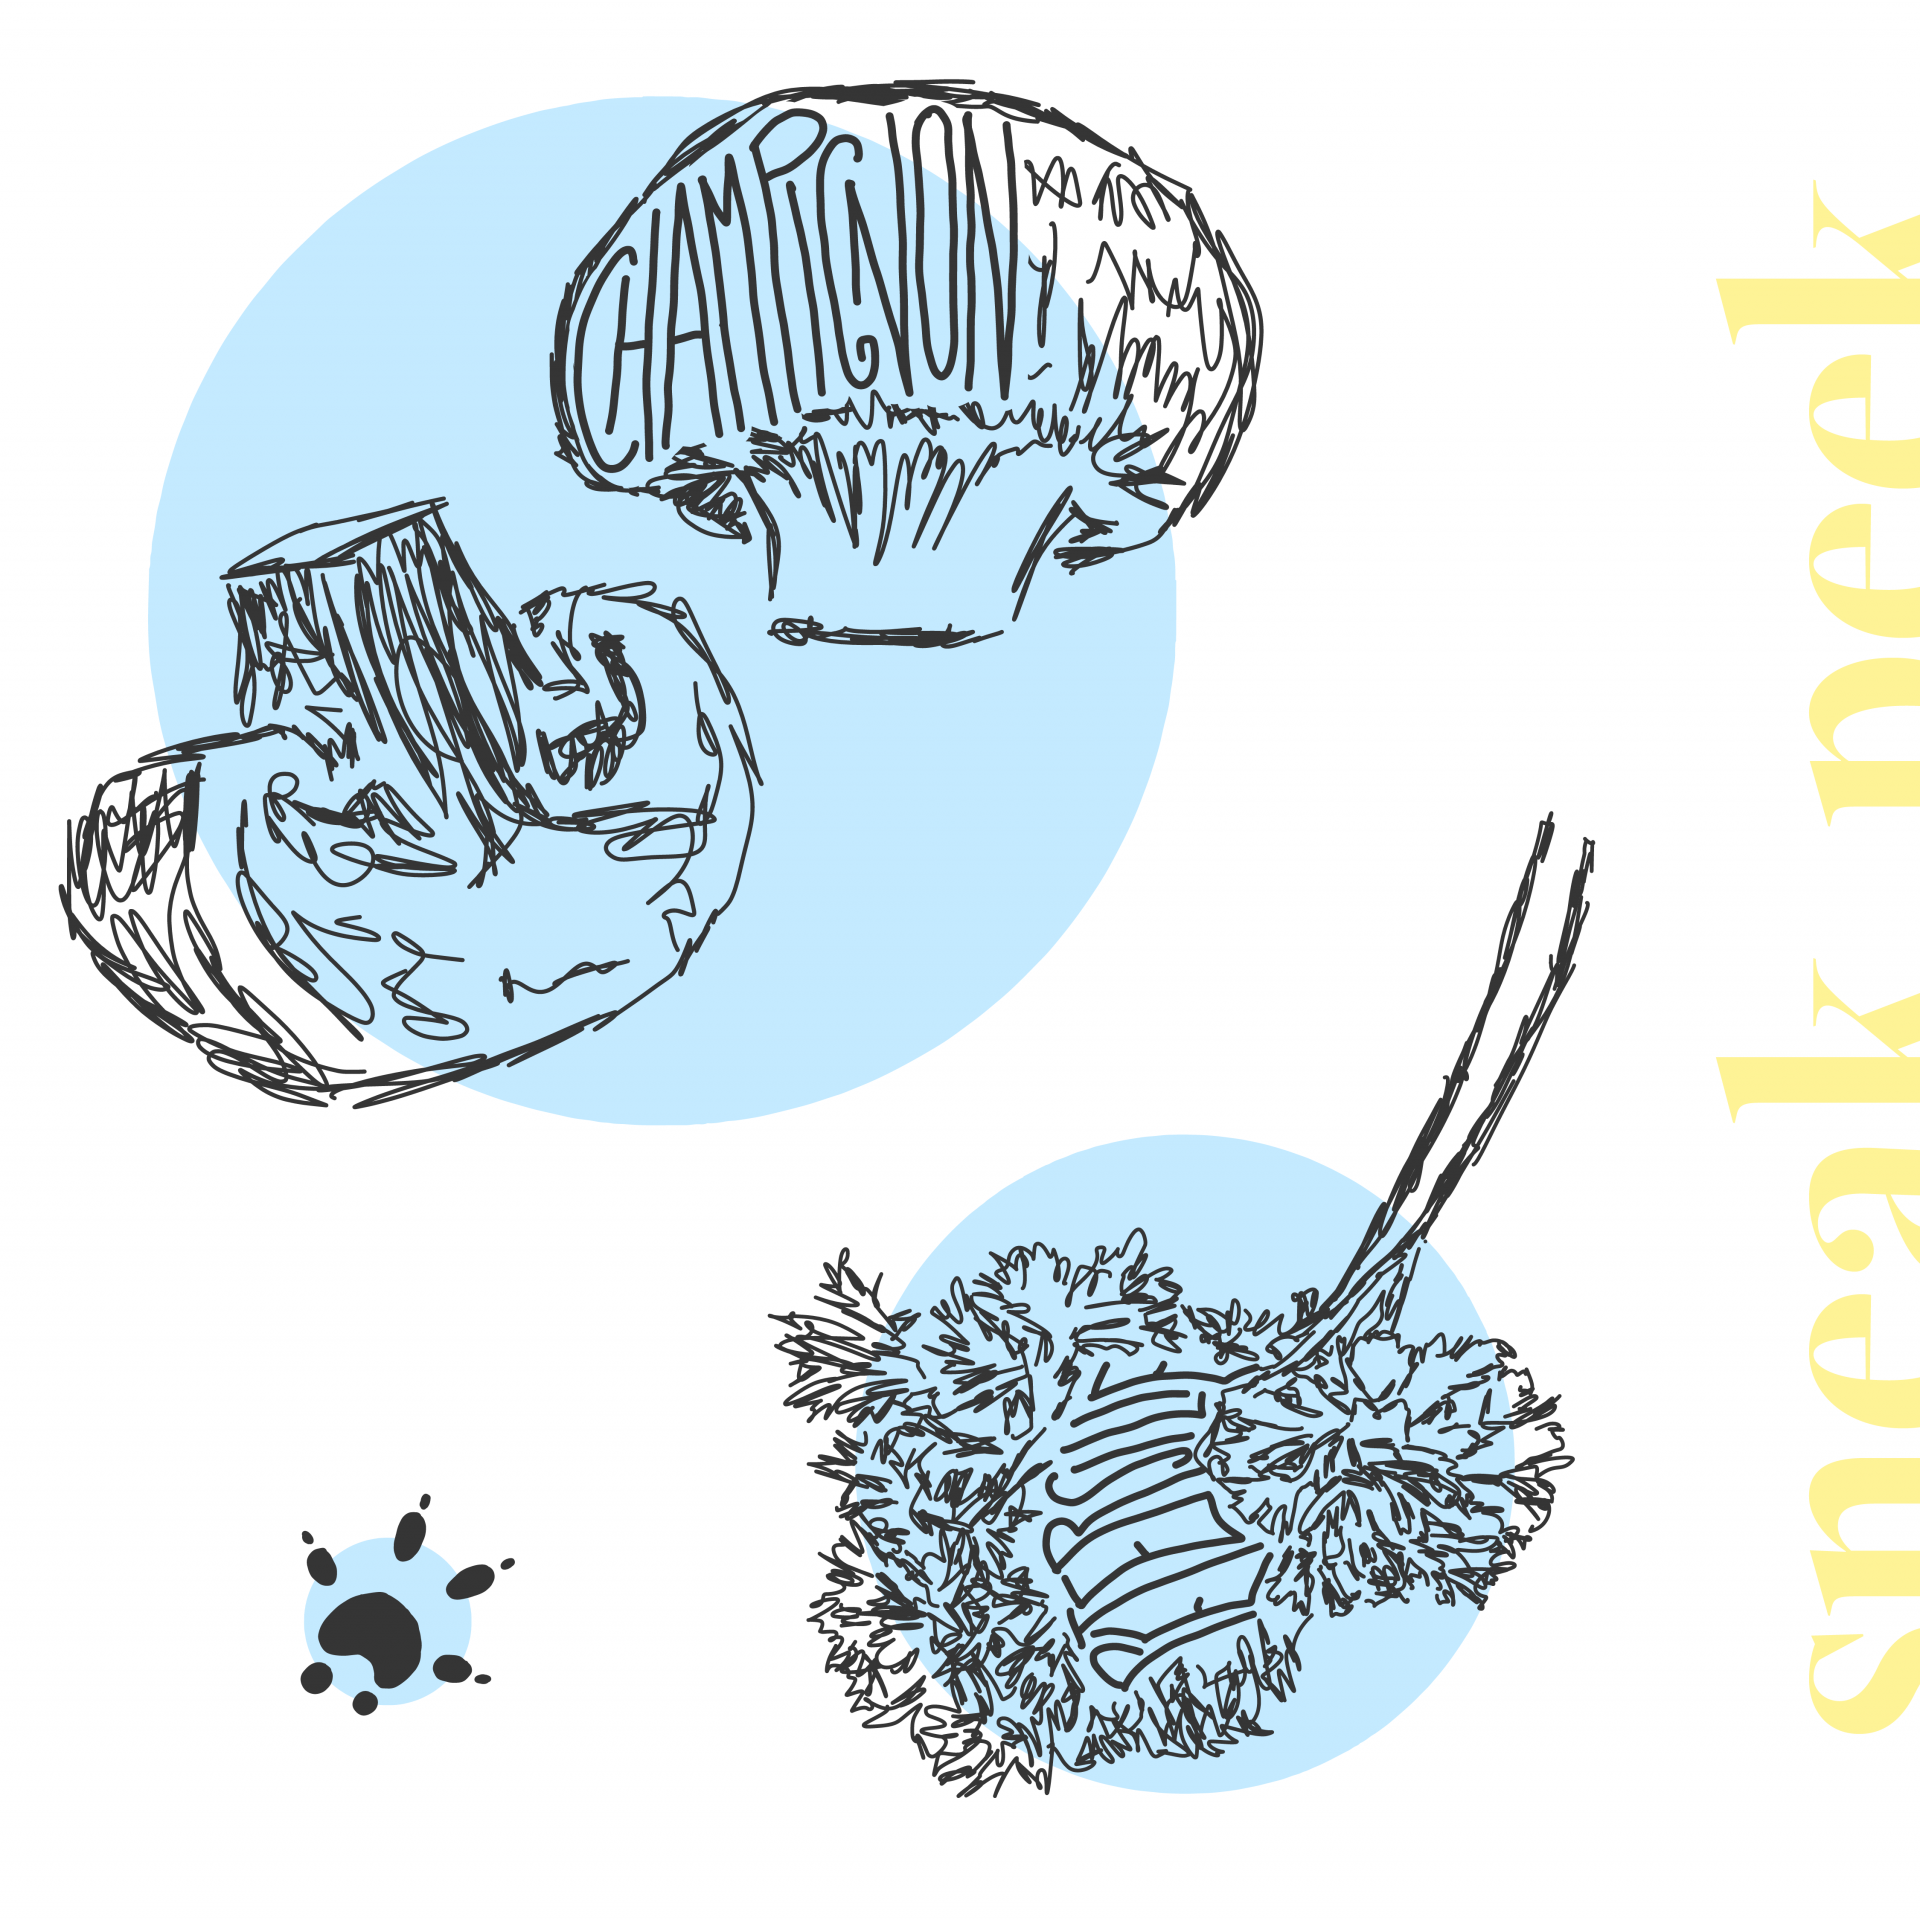 """grafikdesign, quadrat, hintergrund weiß. rechts hochgestellt steht in gelb """"sneak peek"""", angeschnitten. links oben im bild befindet sich ein großer blauer kreis, darauf eine skizze von zwei champignons: einer ist angeschnitten, im anderen steht das wort """"champignon"""". links unten ist ein kleiner kreis mit dem abdruck einer kleinen rattenpfote. rechts daneben ist ein mittelgroßer, blauer kreis, auf dem die skizze von zwei petersiliezweigen handgezeichnet ist, mittig in der pflanze steht das wort """"petersilie"""""""